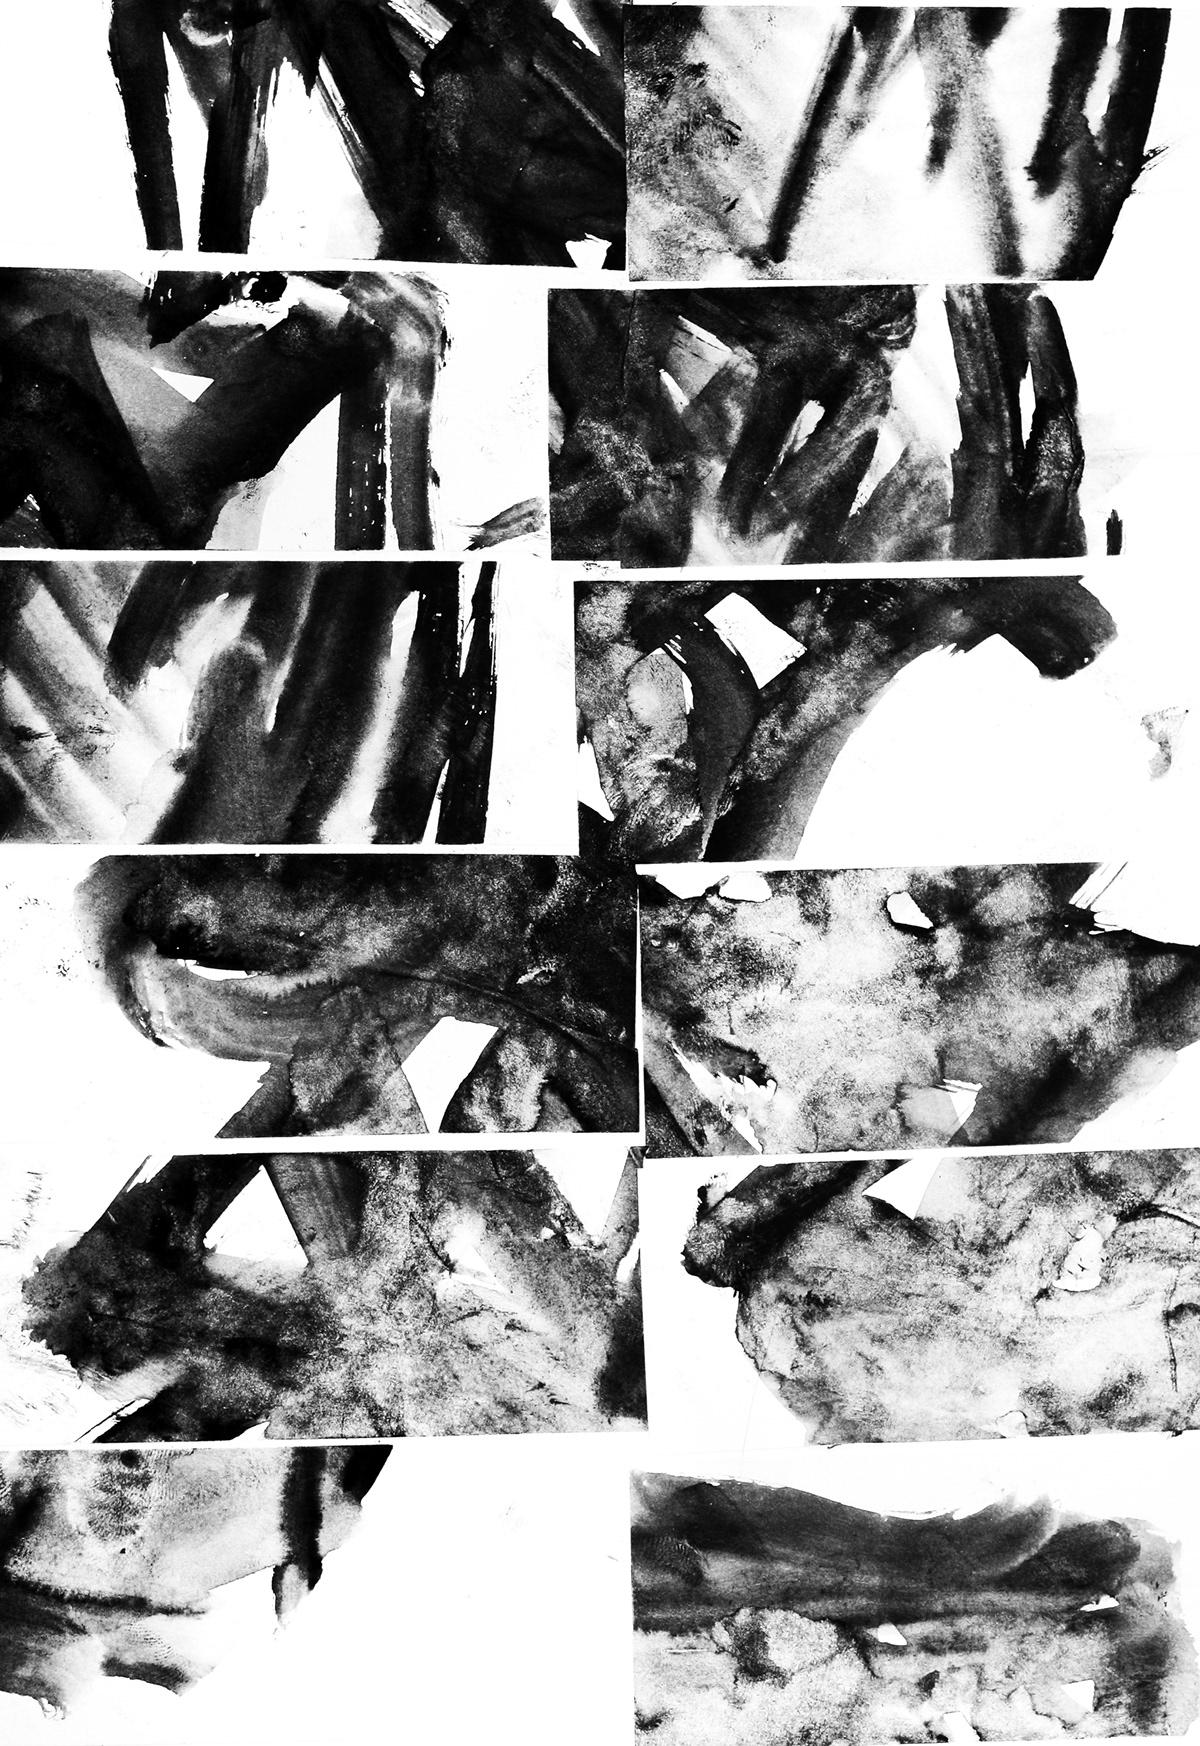 fine art photography maxomat Max Hornäk